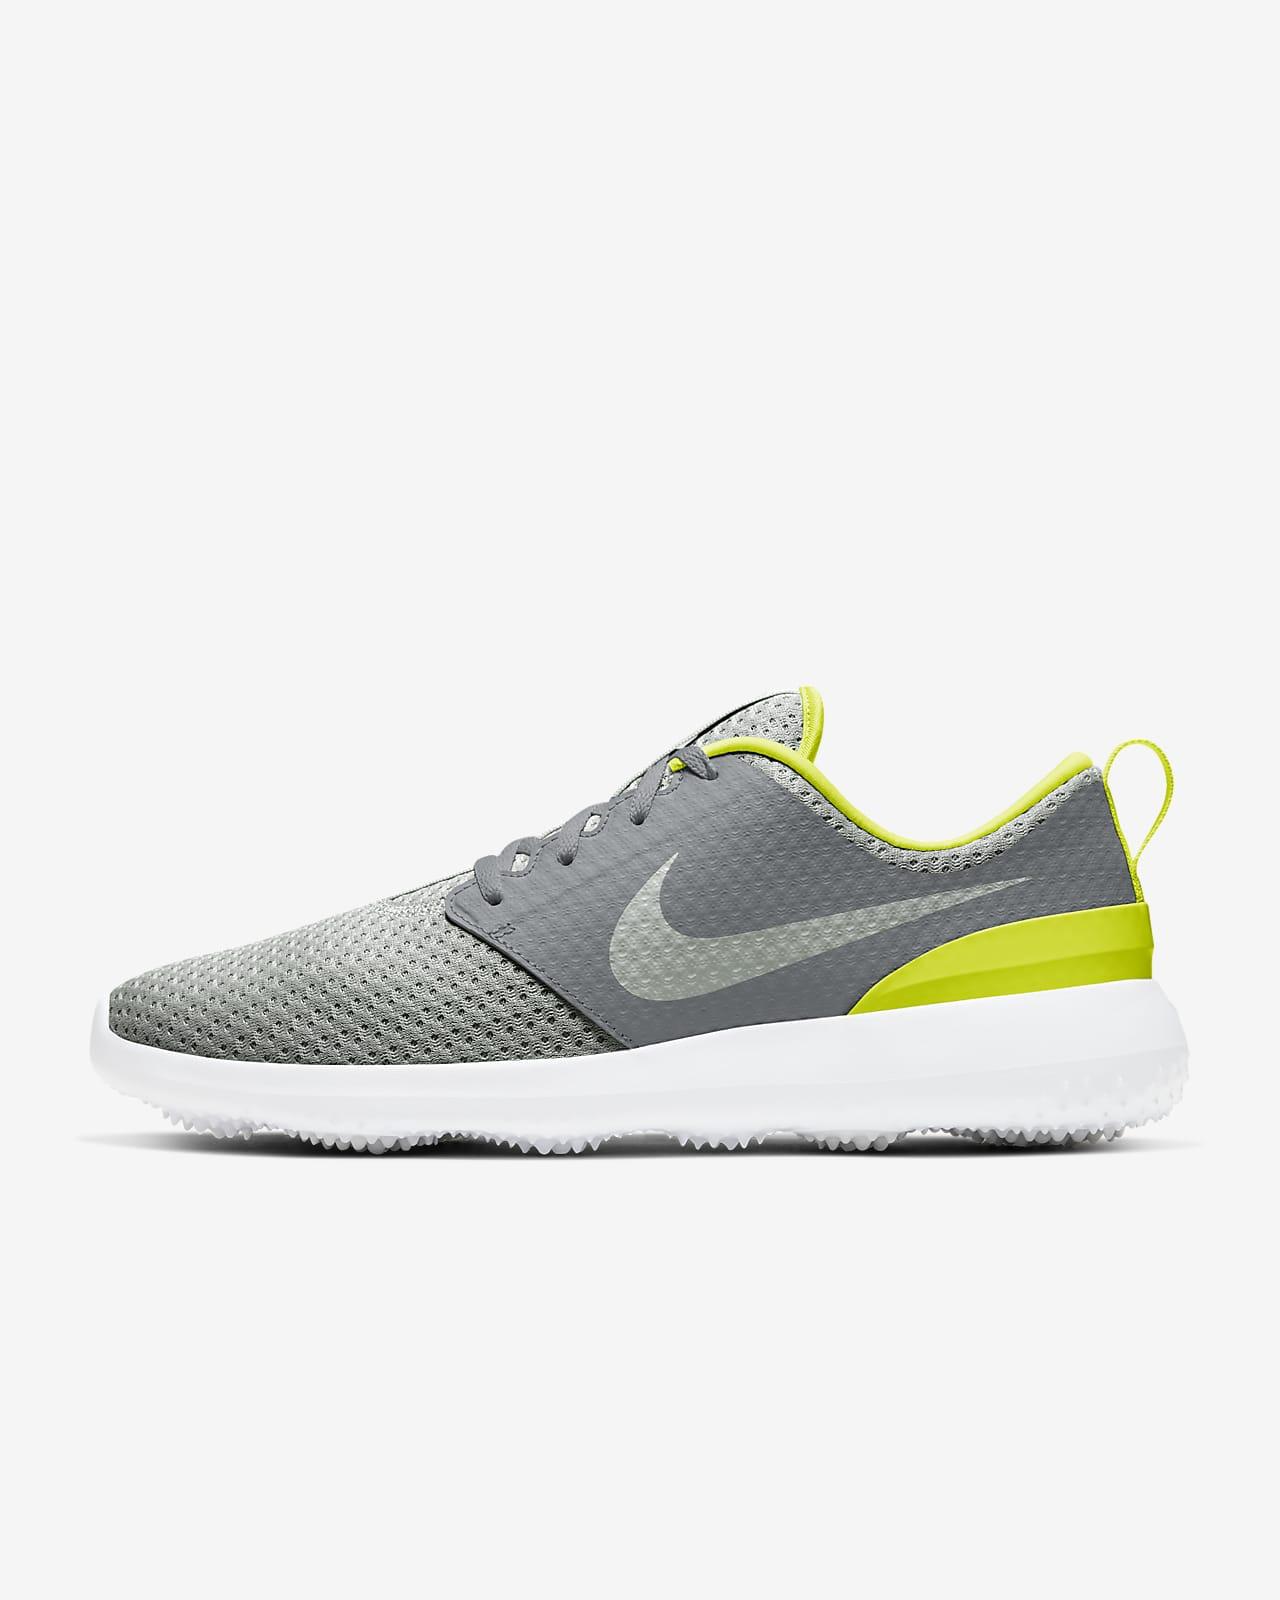 Nike Roshe G Men's Golf Shoe